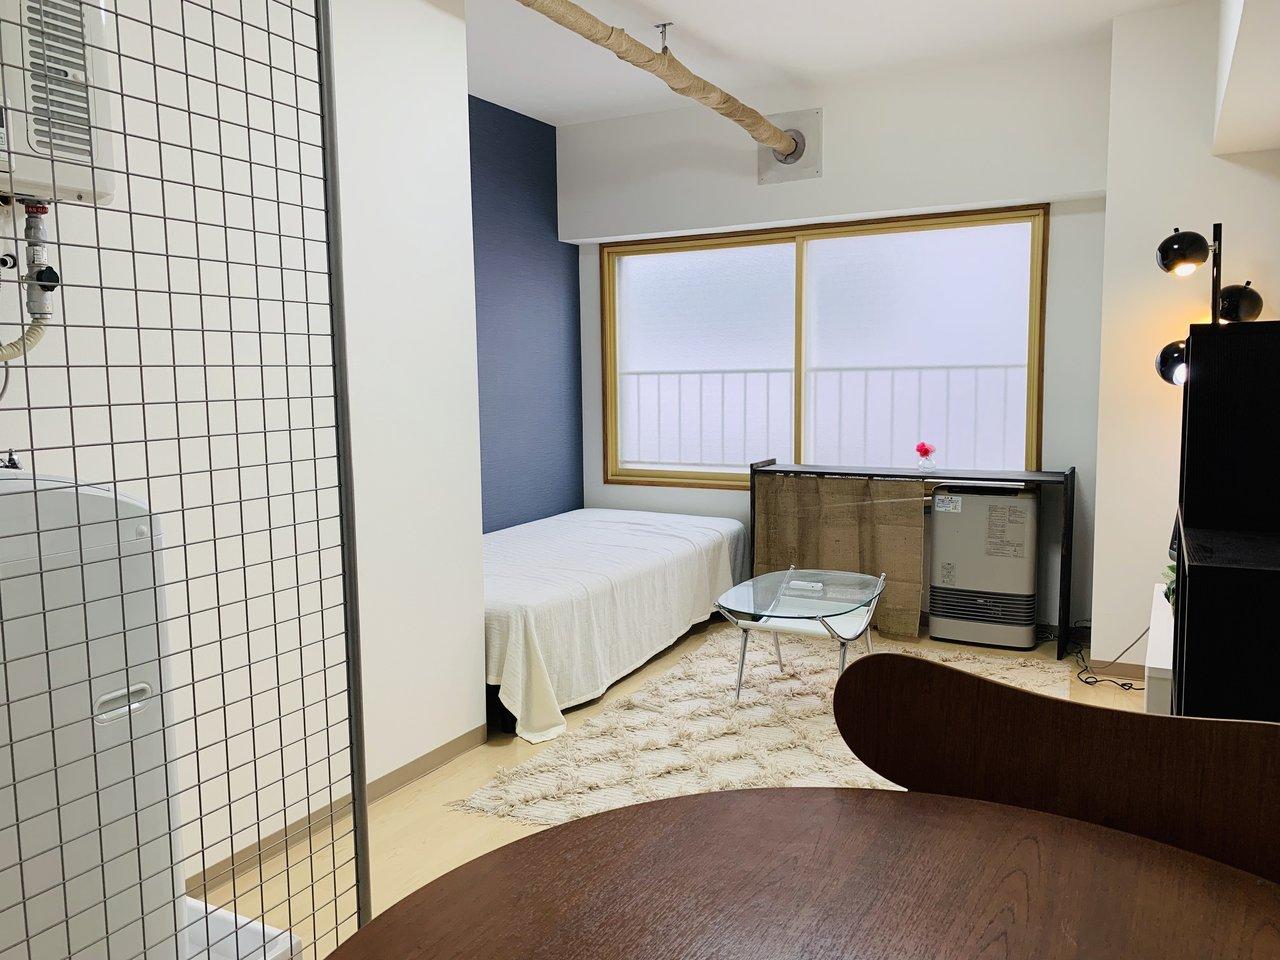 最後は家具家電が一式ついた、リノベーションマンション。初期費用を抑えたい、一人暮らしの方におすすめです。